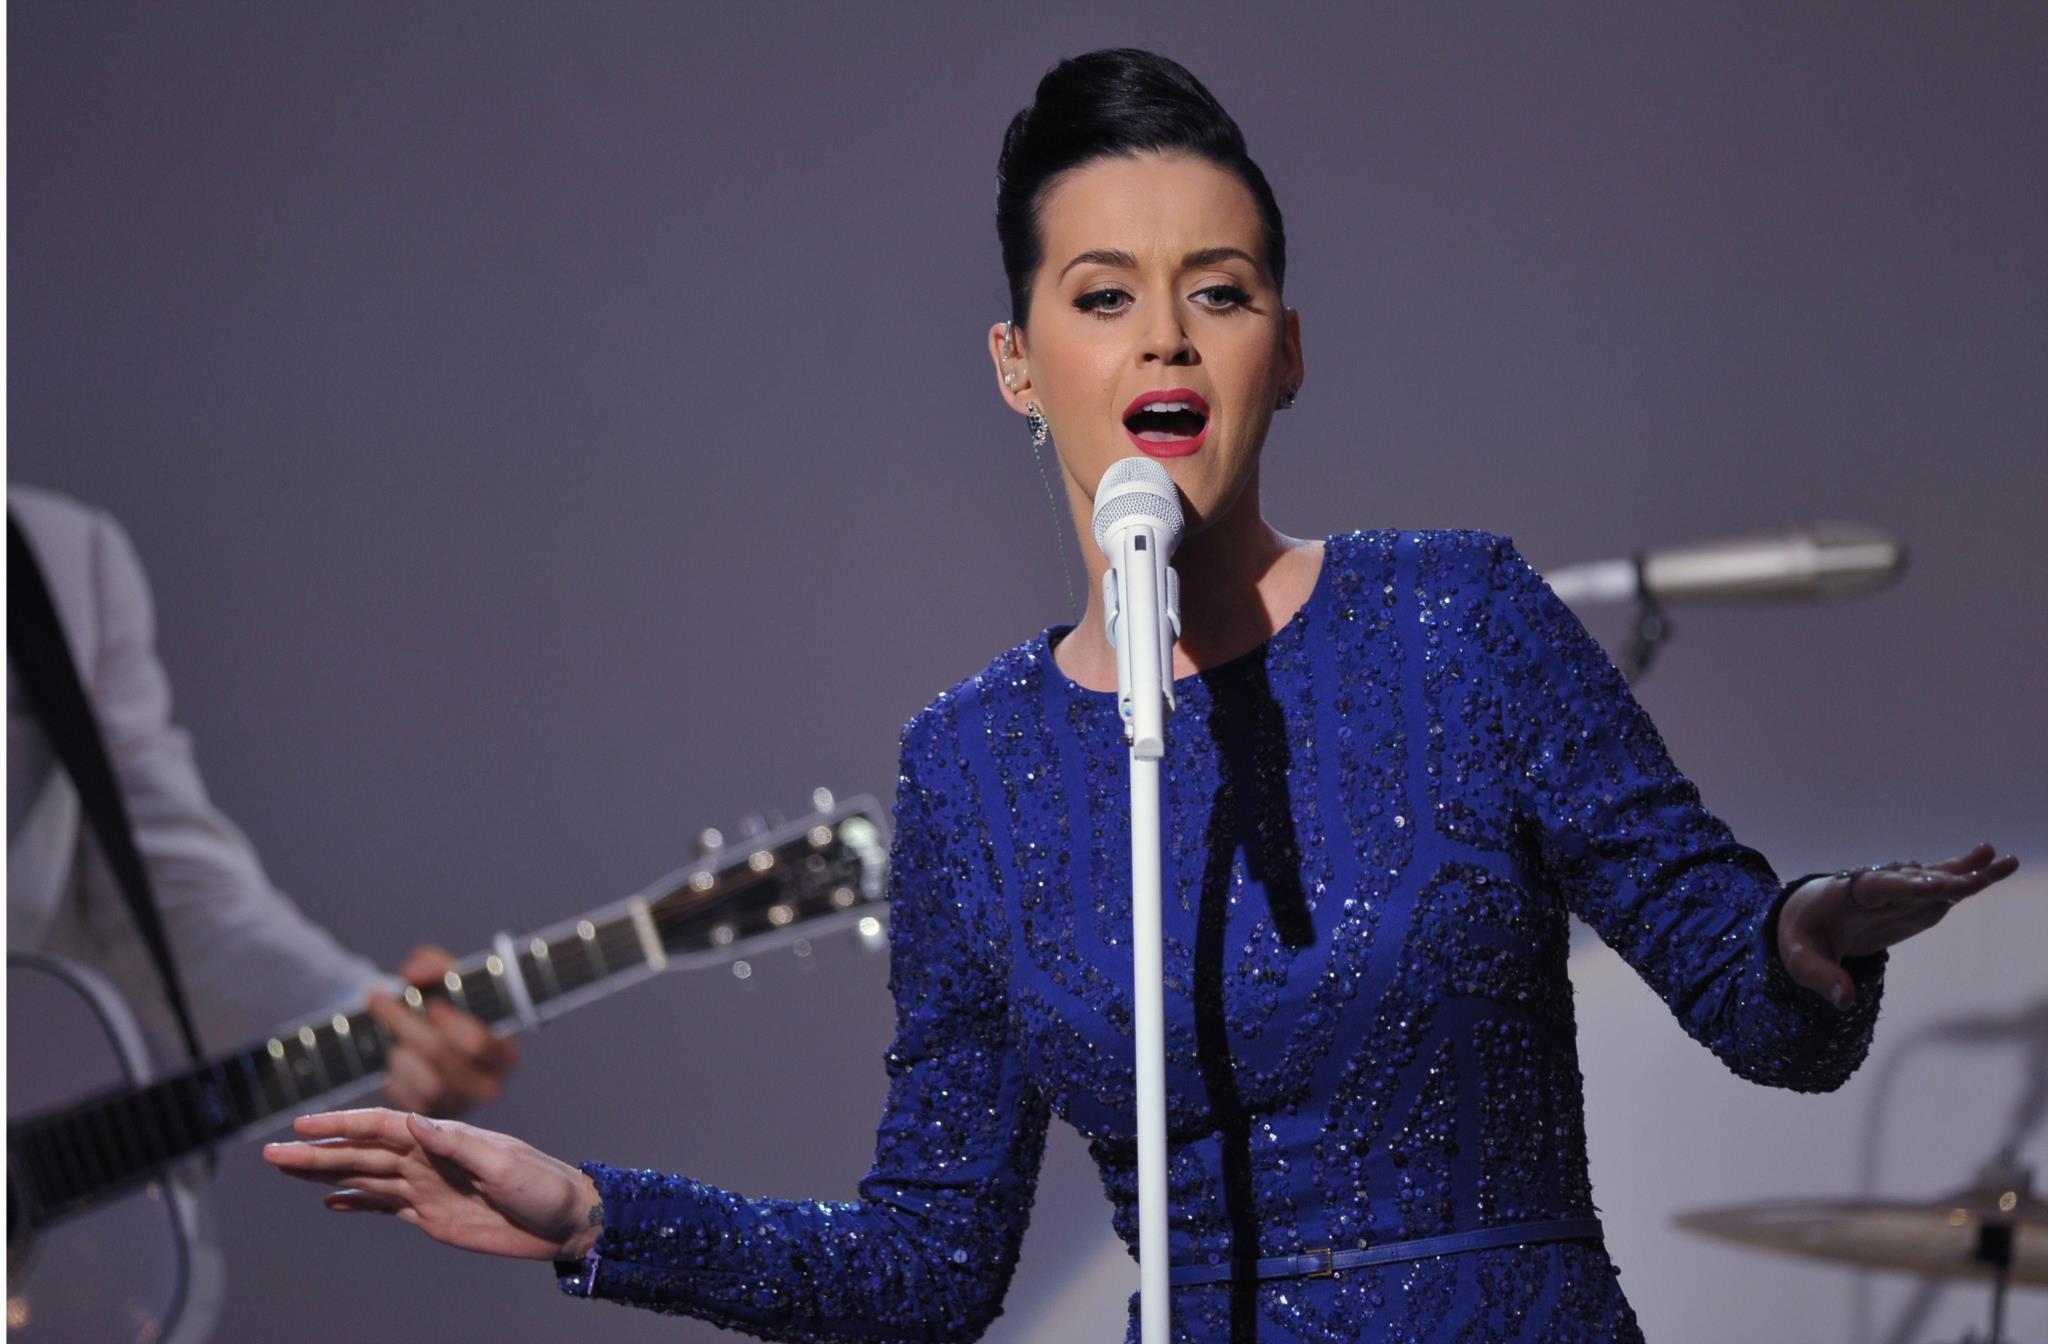 A cantora tem mais de 93 milhões de seguidores no Twitter